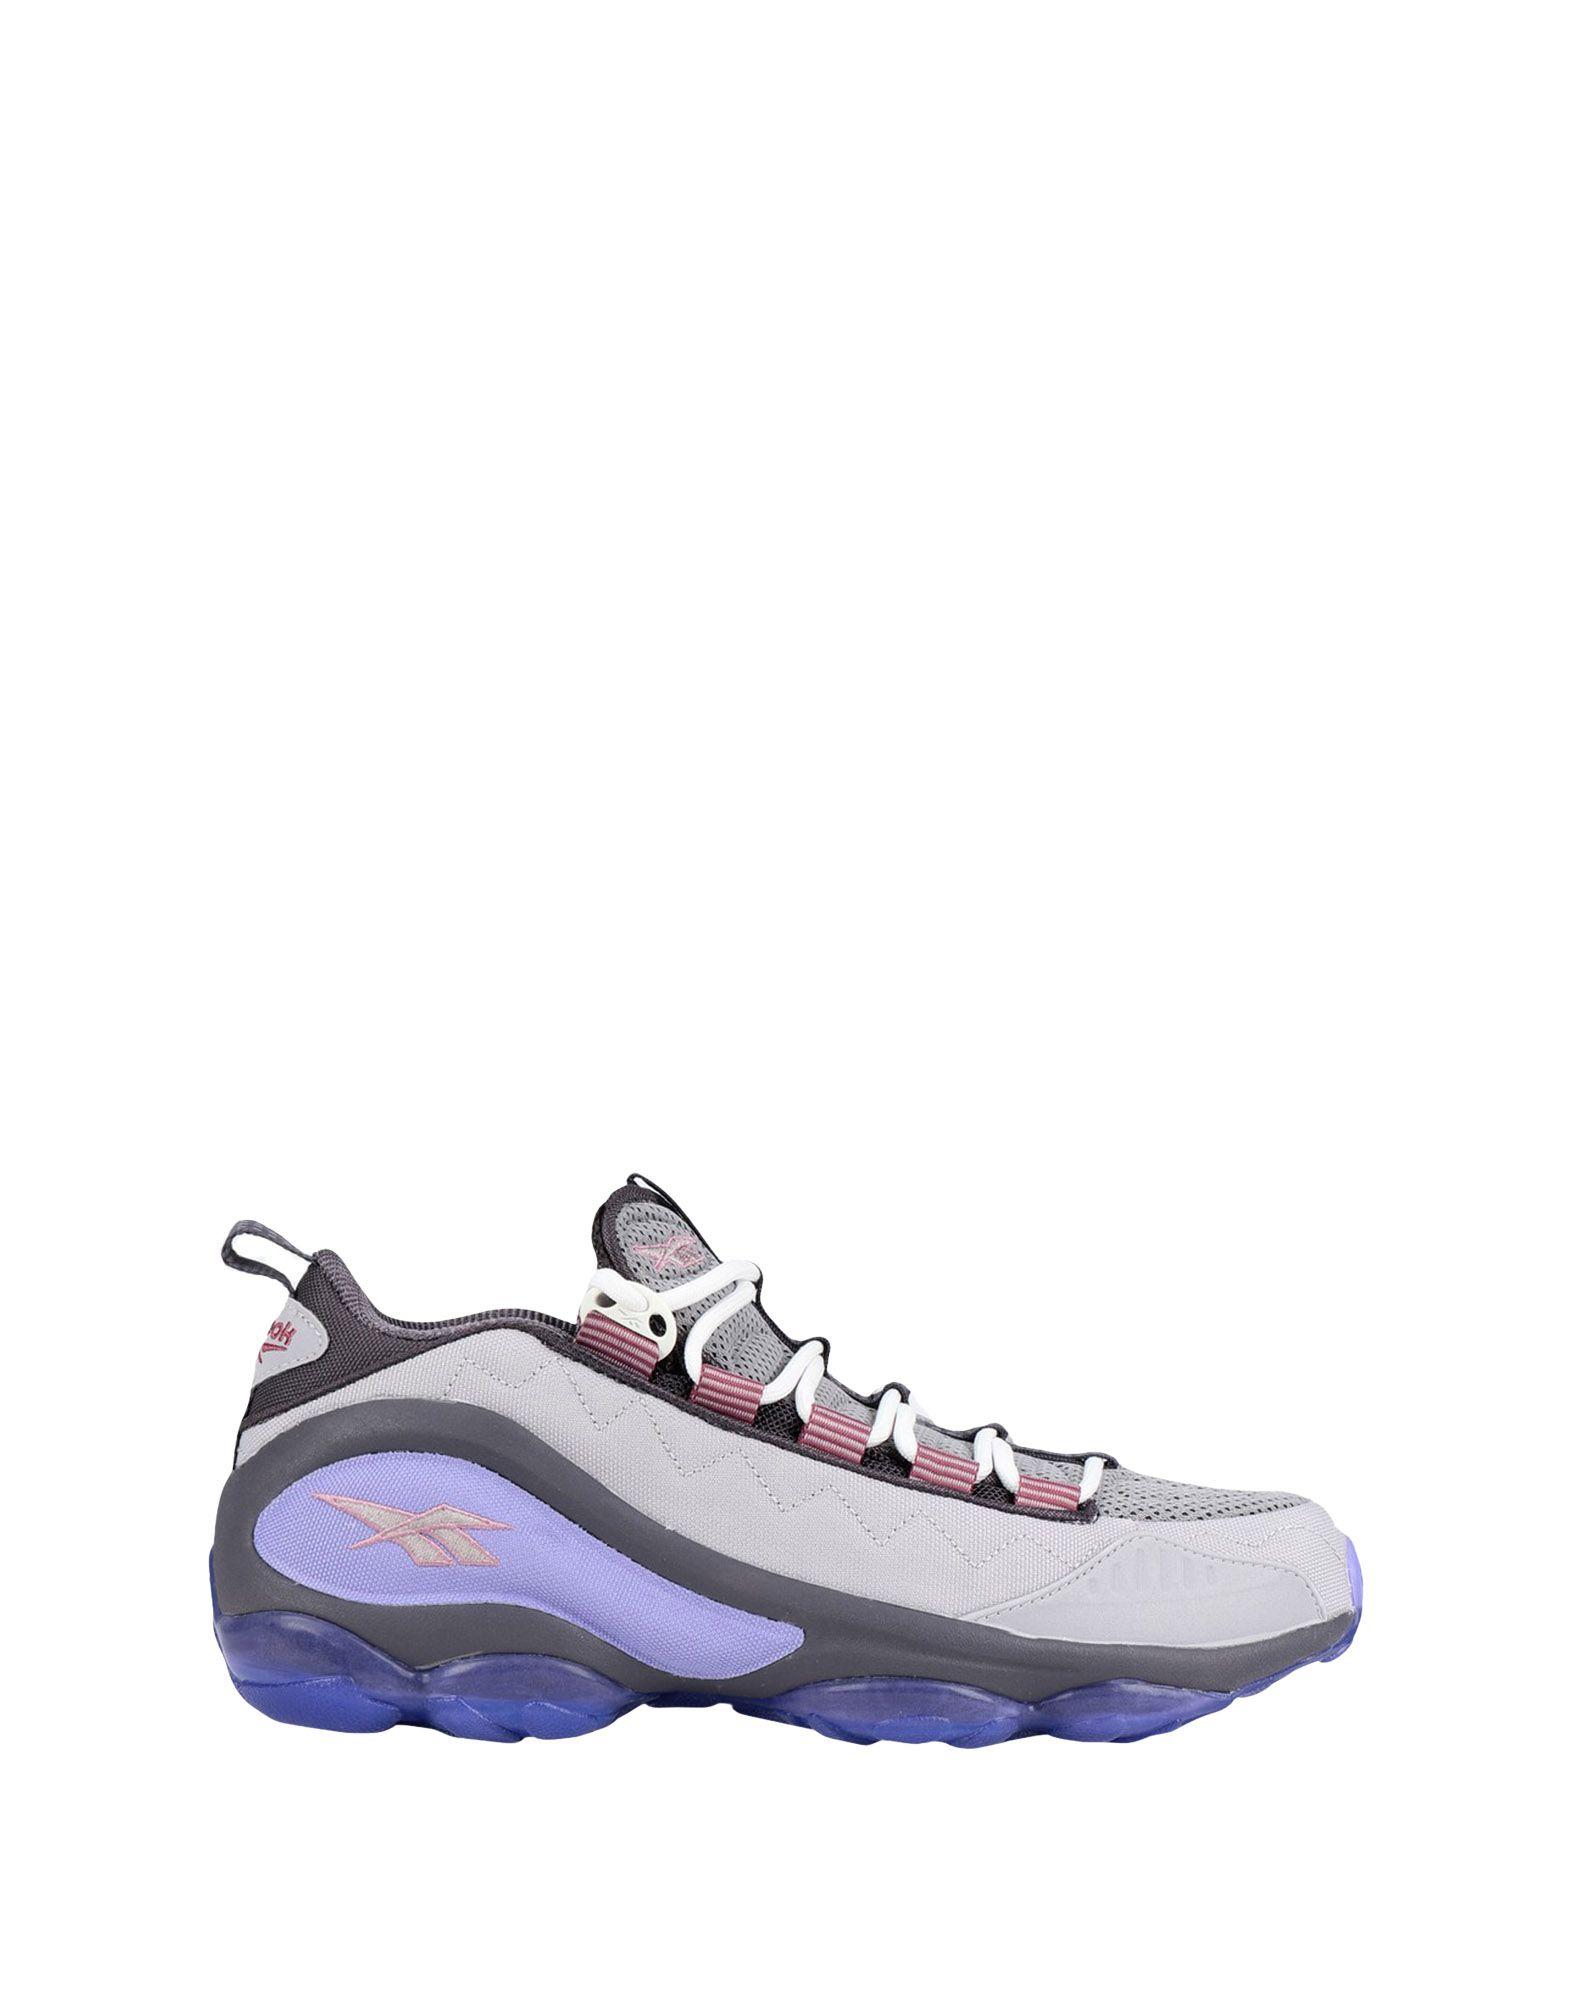 《セール開催中》REEBOK レディース スニーカー&テニスシューズ(ローカット) ライラック 8.5 紡績繊維 DMX RUN 10